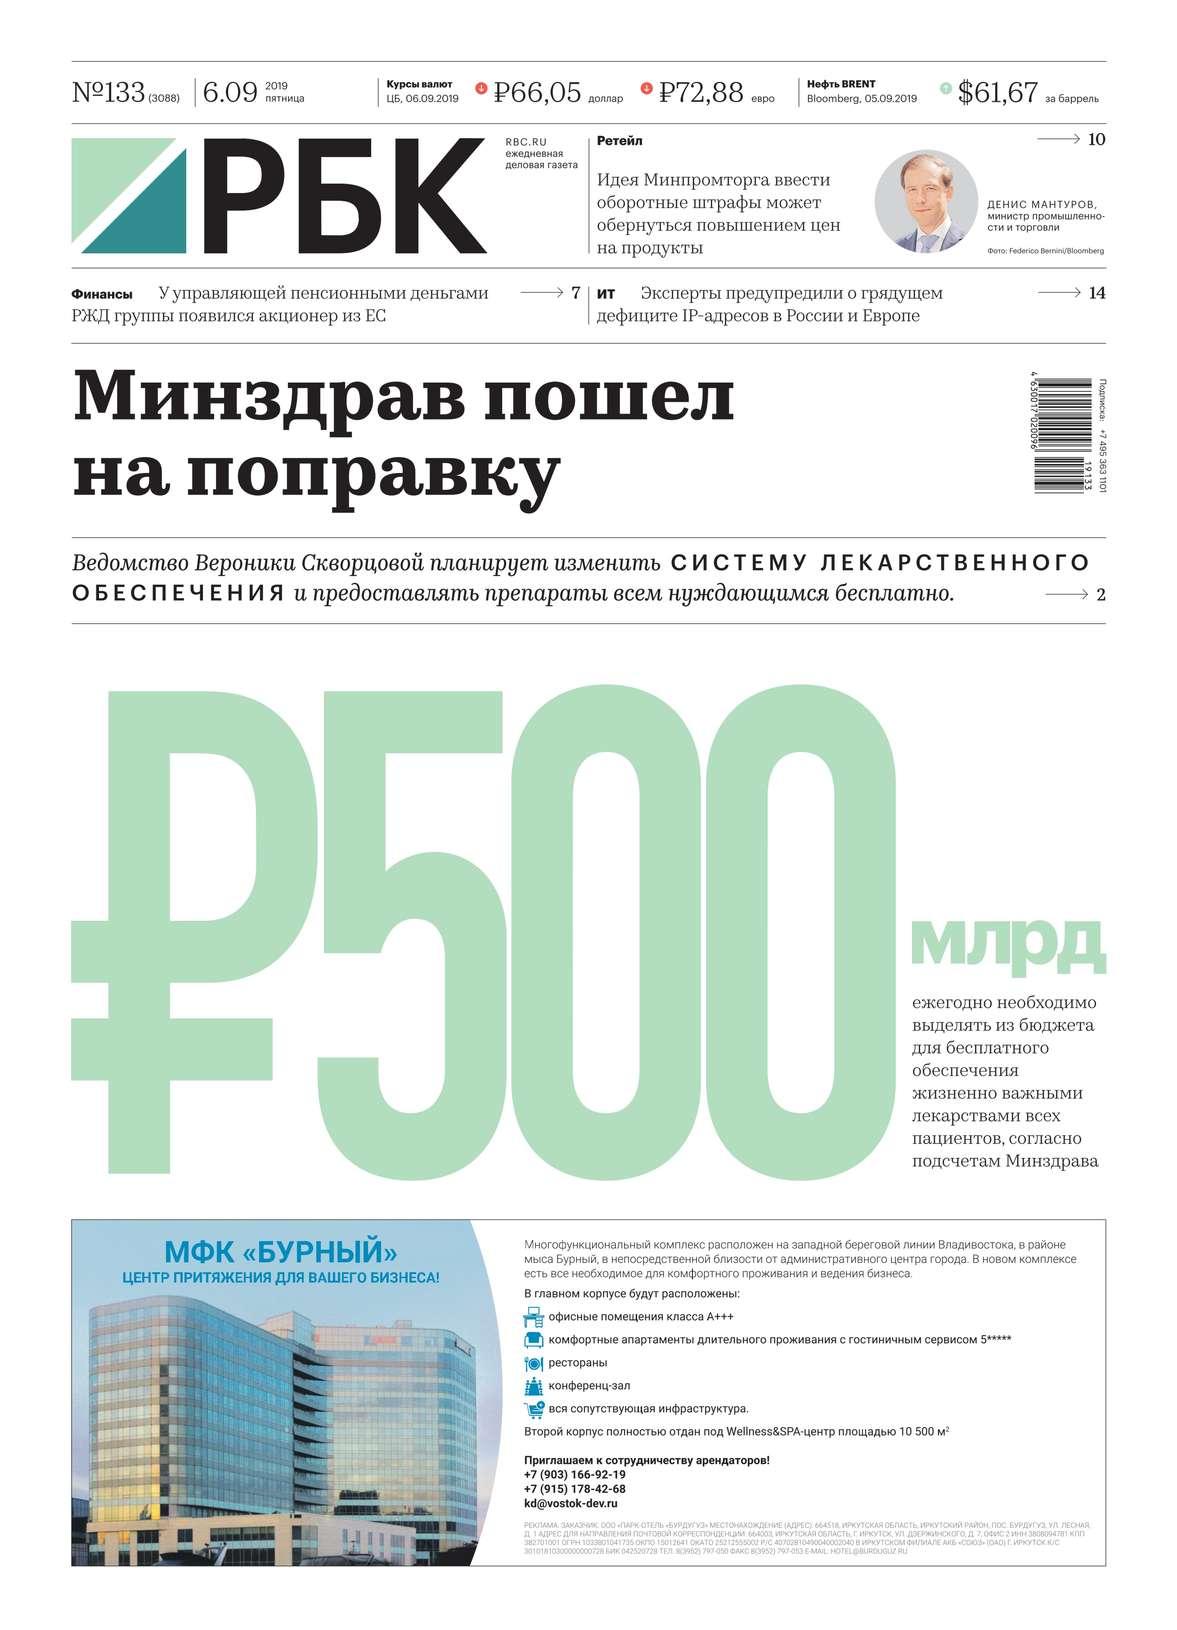 Ежедневная Деловая Газета Рбк 133-2019